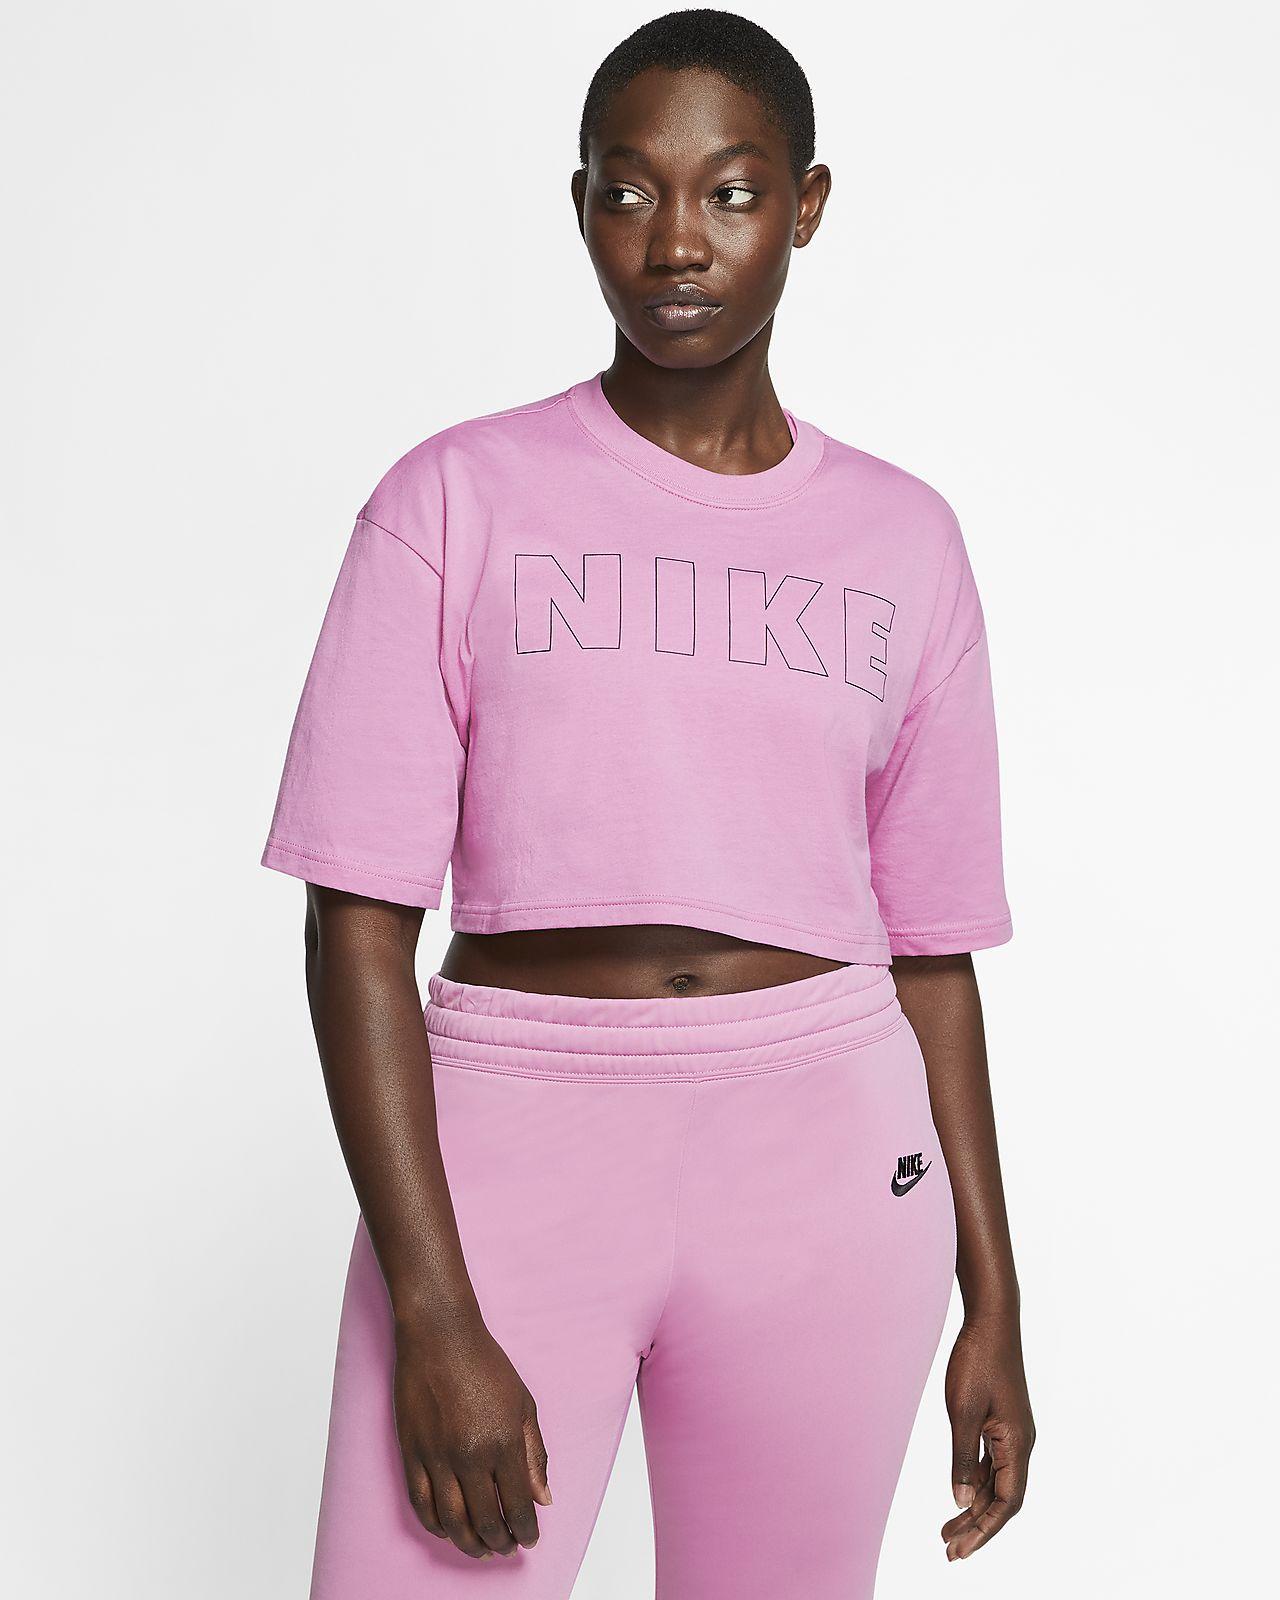 Kort Nike Air T shirt til kvinder. Nike DK